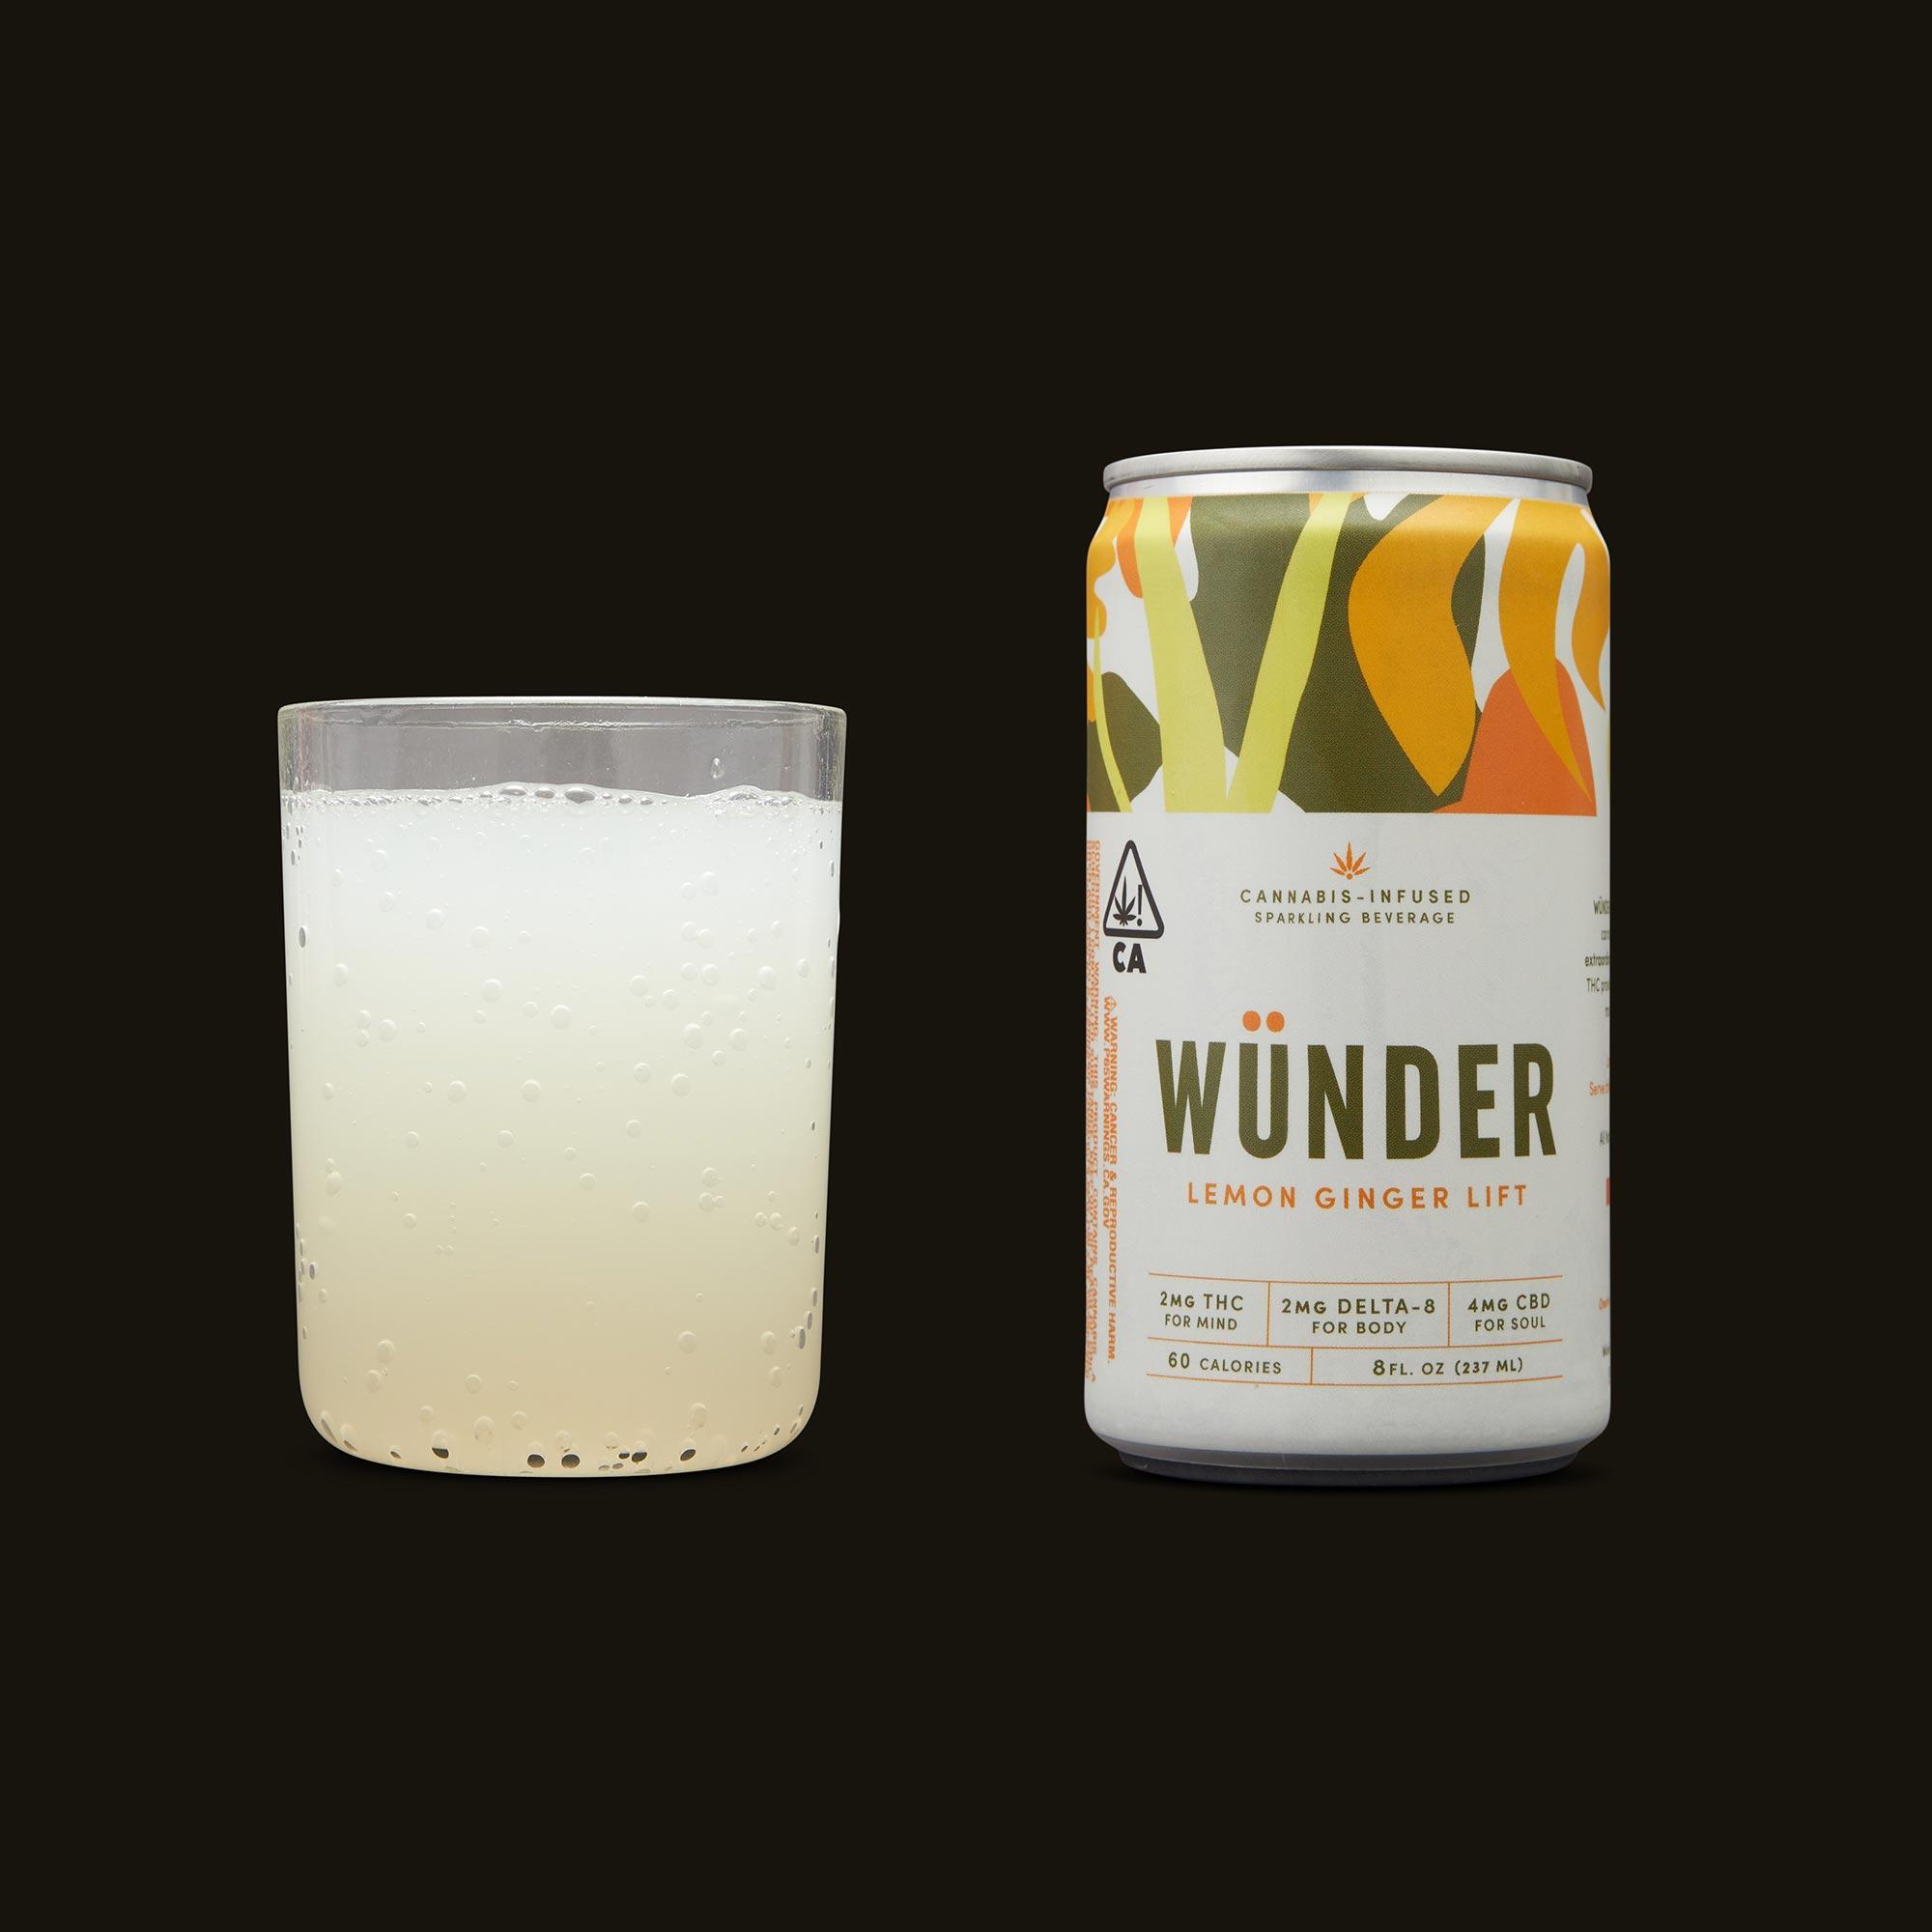 Wunder Lemon Ginger Lift